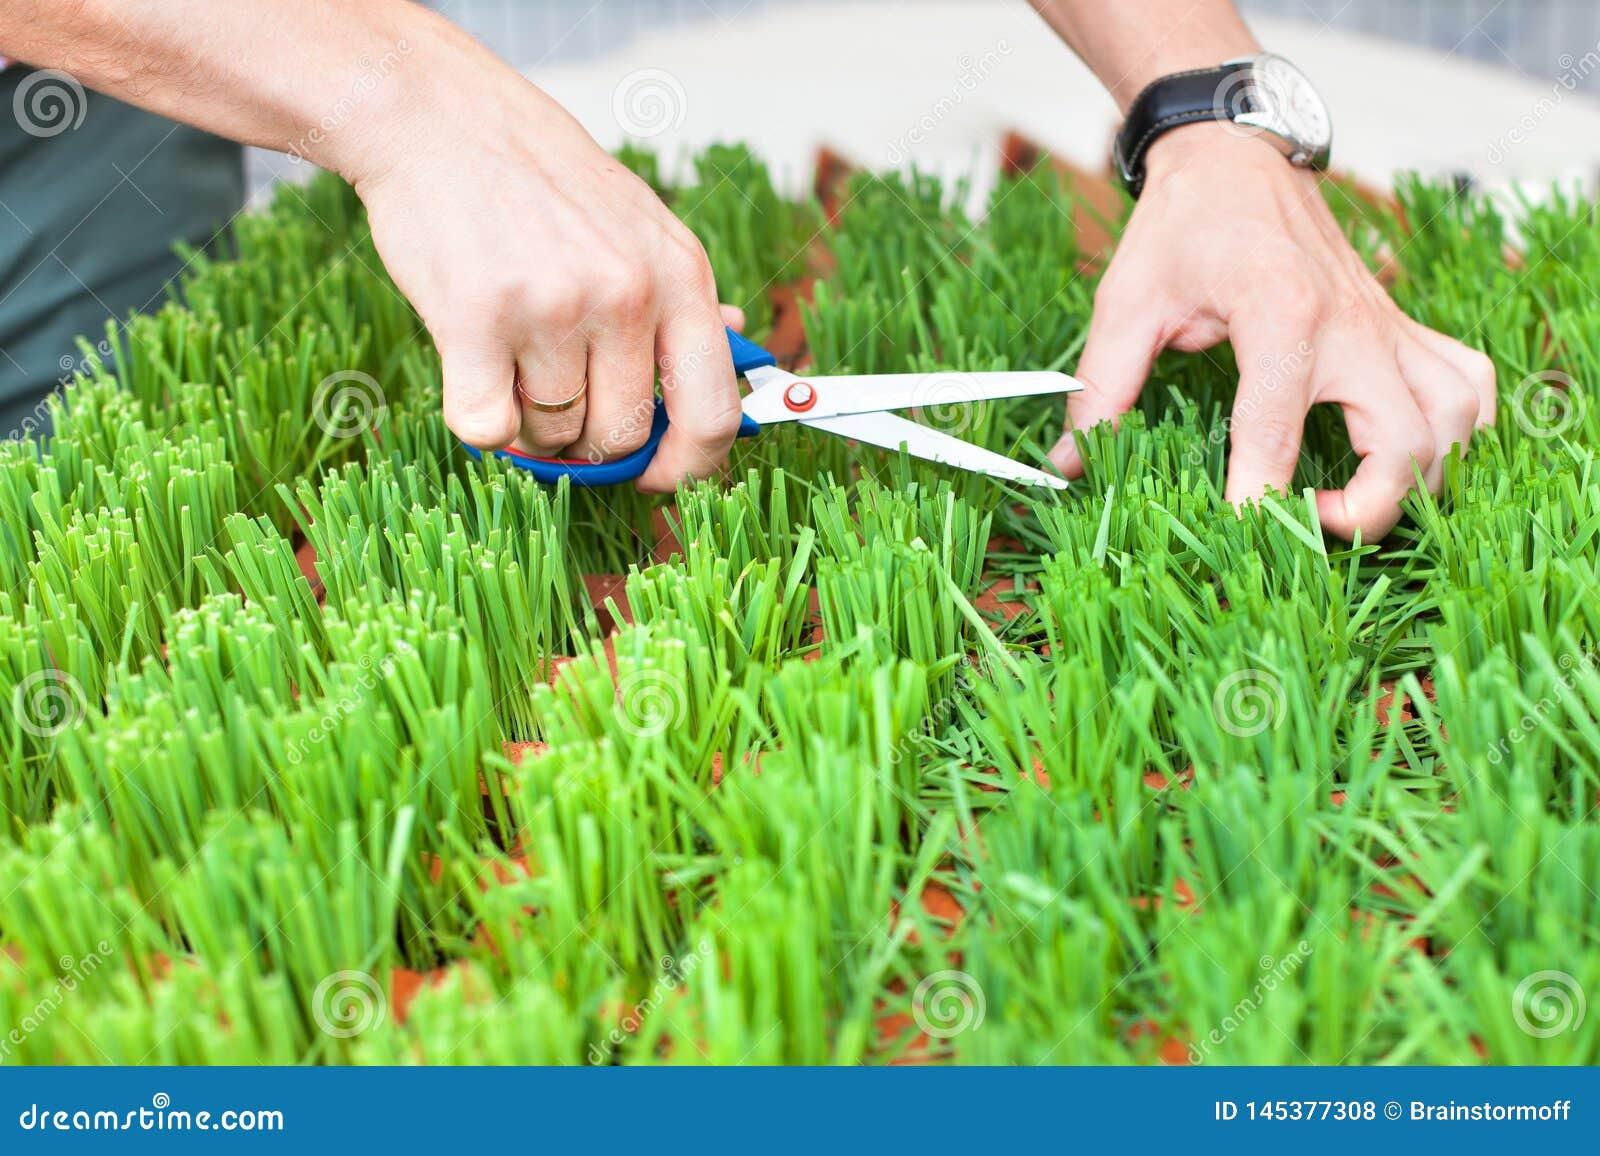 Man handen die het groene gras met schaar snijden, de tuinman snijdt het gras, de greepschaar van mensenhanden en snijden vers gr